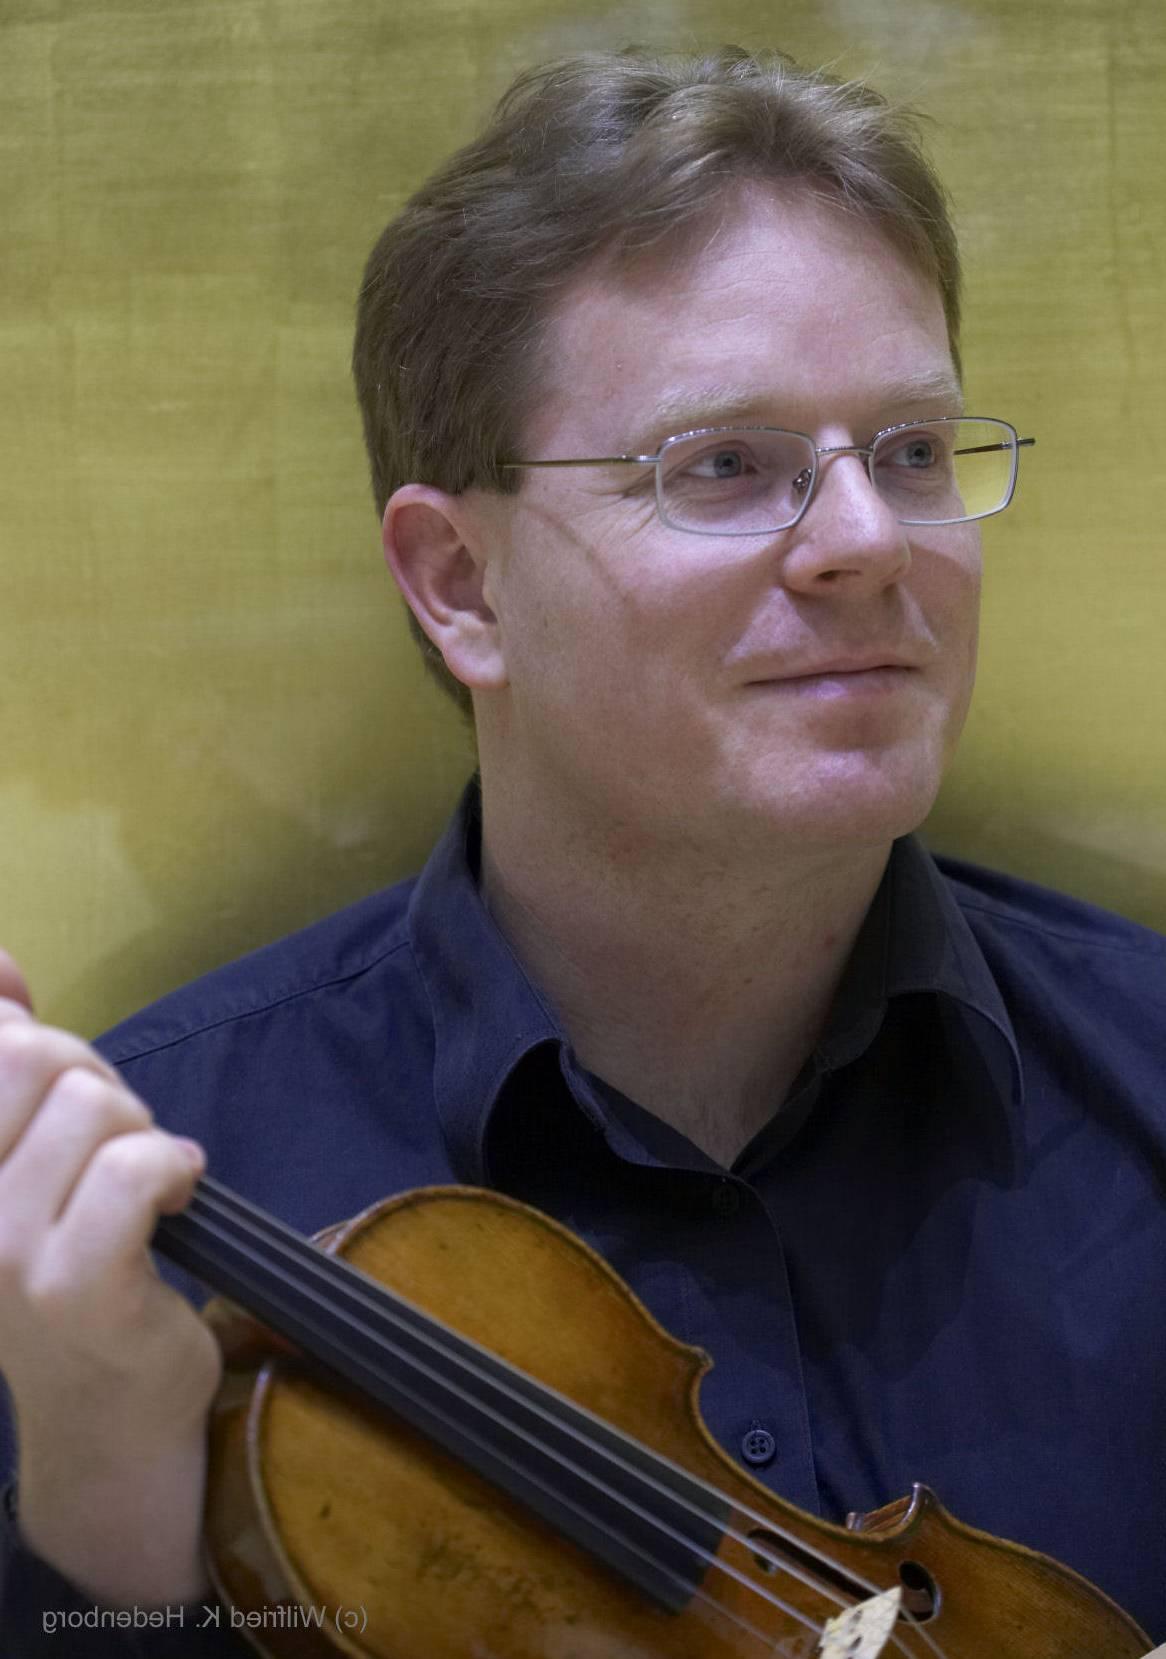 シュトイデヴァイオリンコンサート情報_e0251278_10451162.jpg